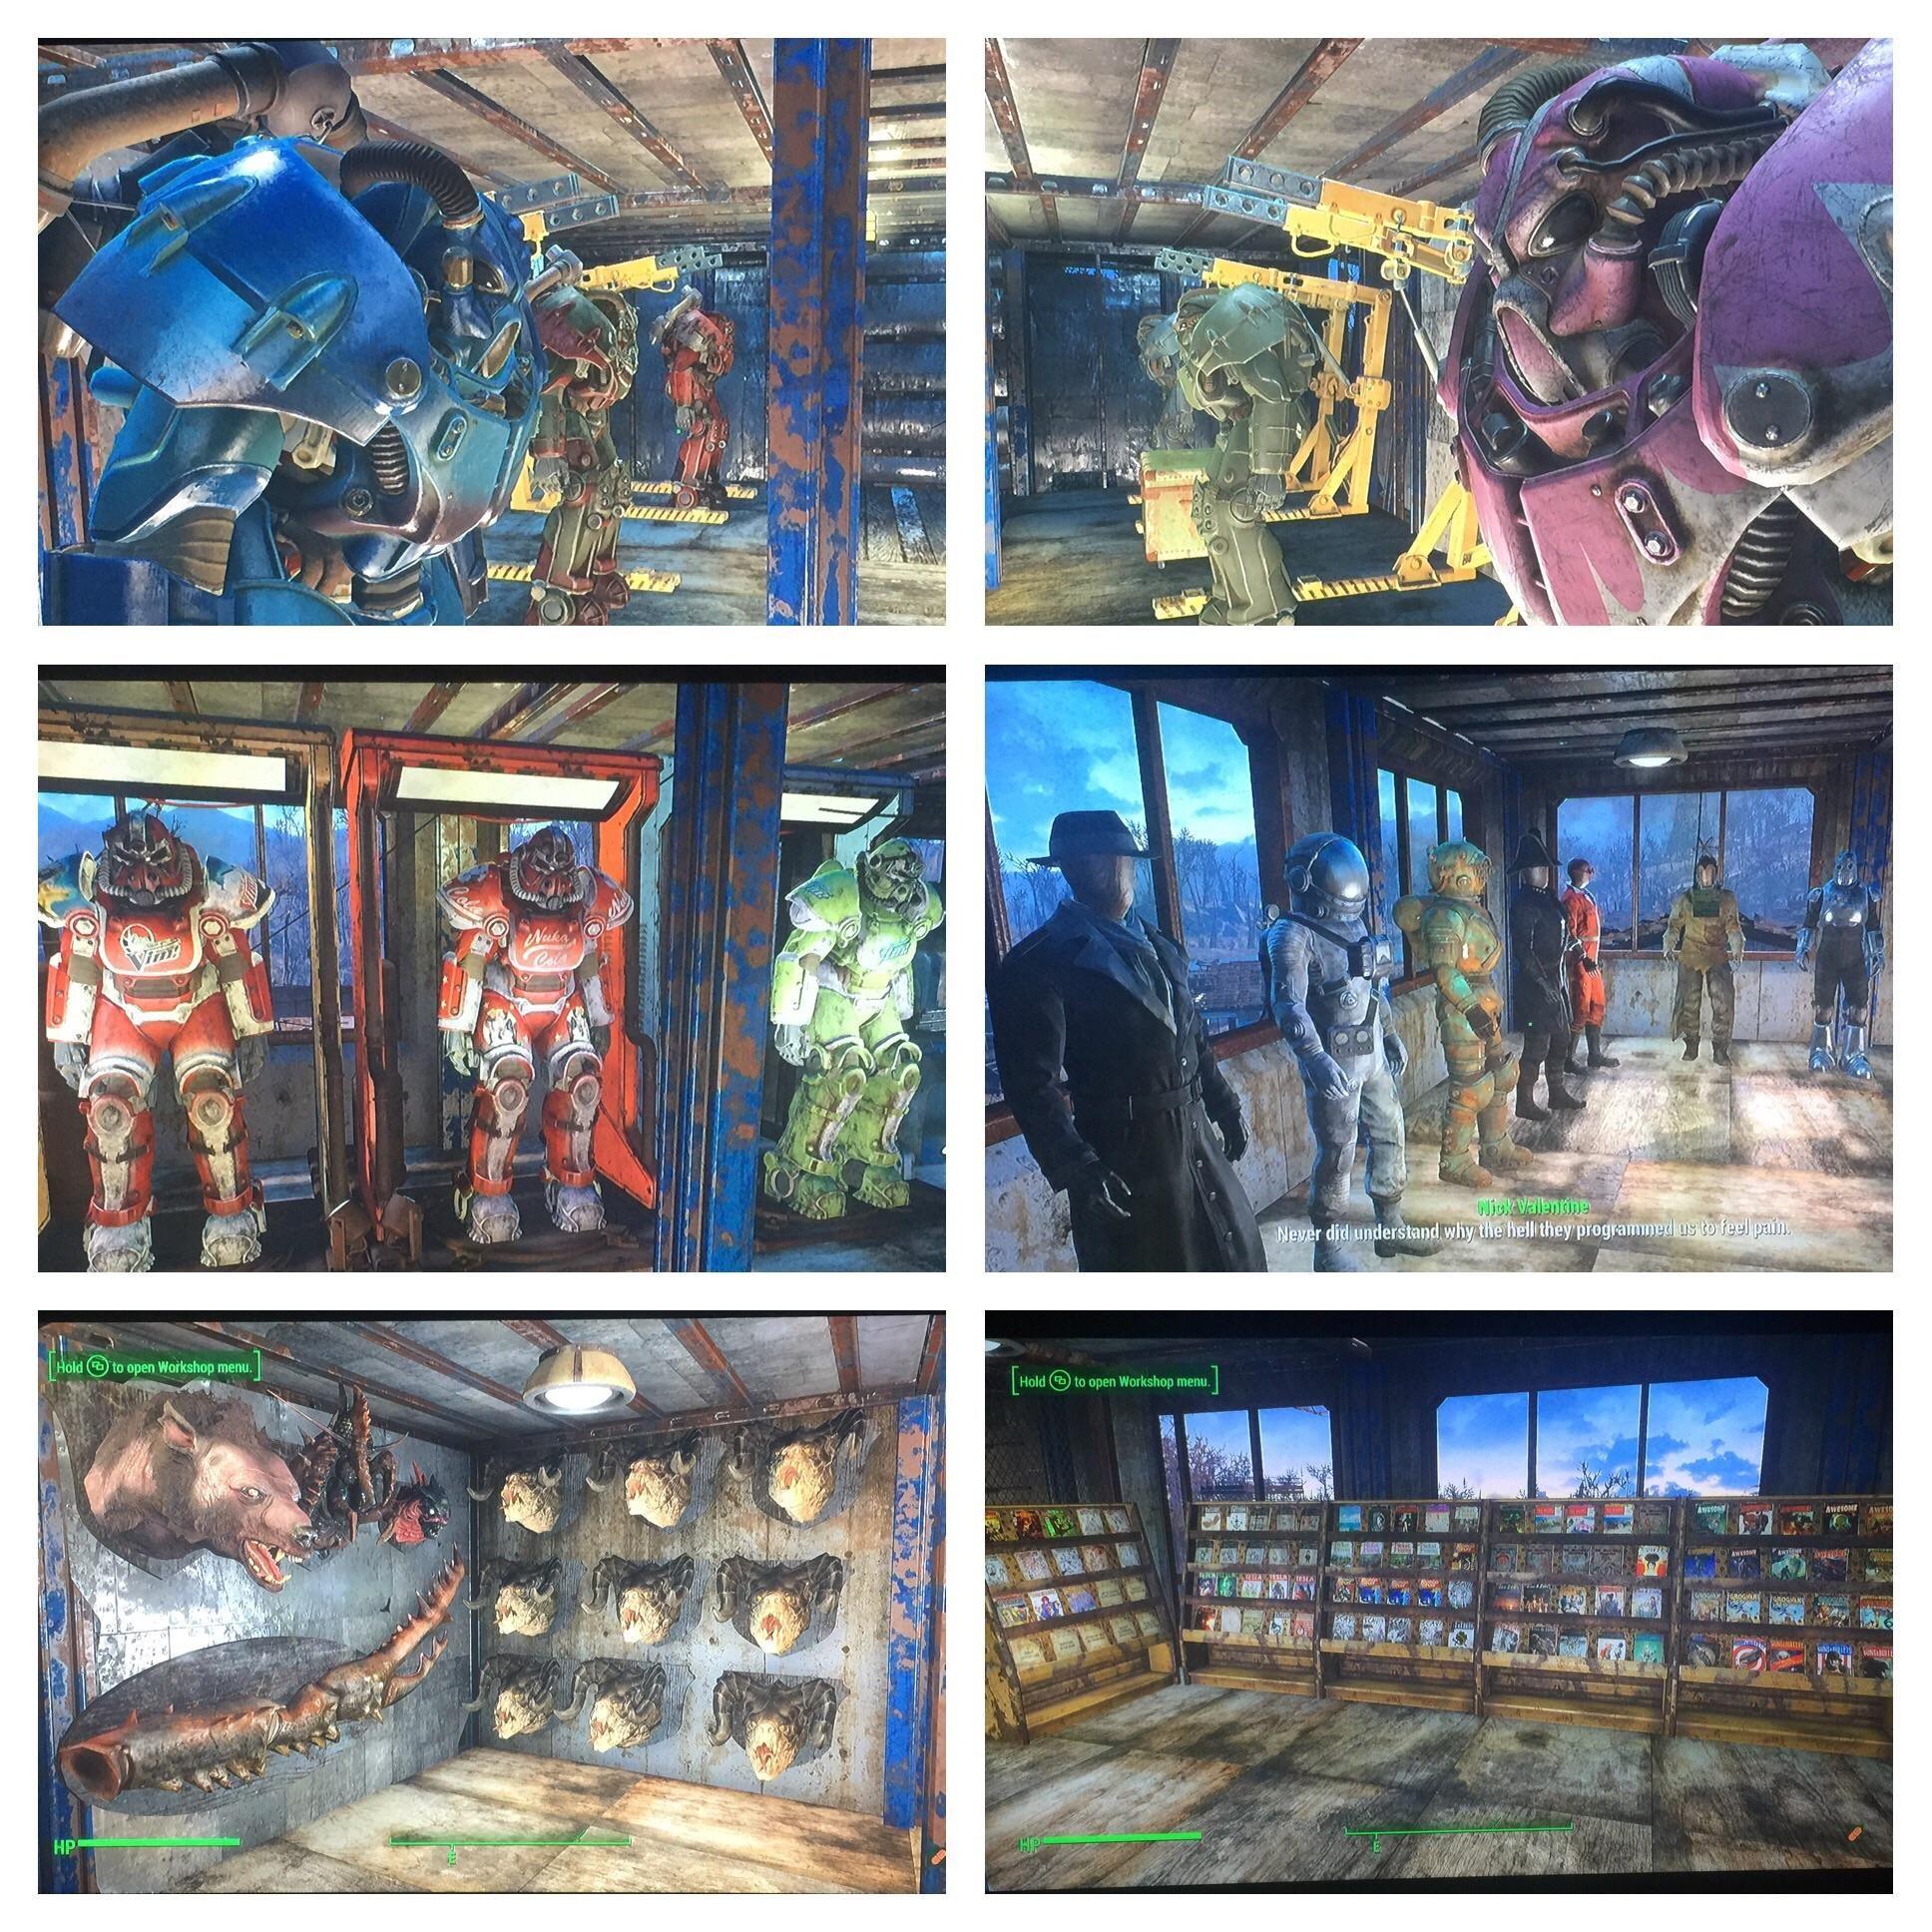 100% Completion  My Collection For More Information... >>> http://bit.ly/29otcOB <<< ------- #gaming #games #gamer #videogames #videogame #anime #video #Funny #xbox #nintendo #TVGM #surprise #gamergirl #gamers #gamerguy #instagamer #girlgamer #bhombingamerica #pcgamer #gamerlife #gamergirls #xboxgamer #girlgamer #gtav